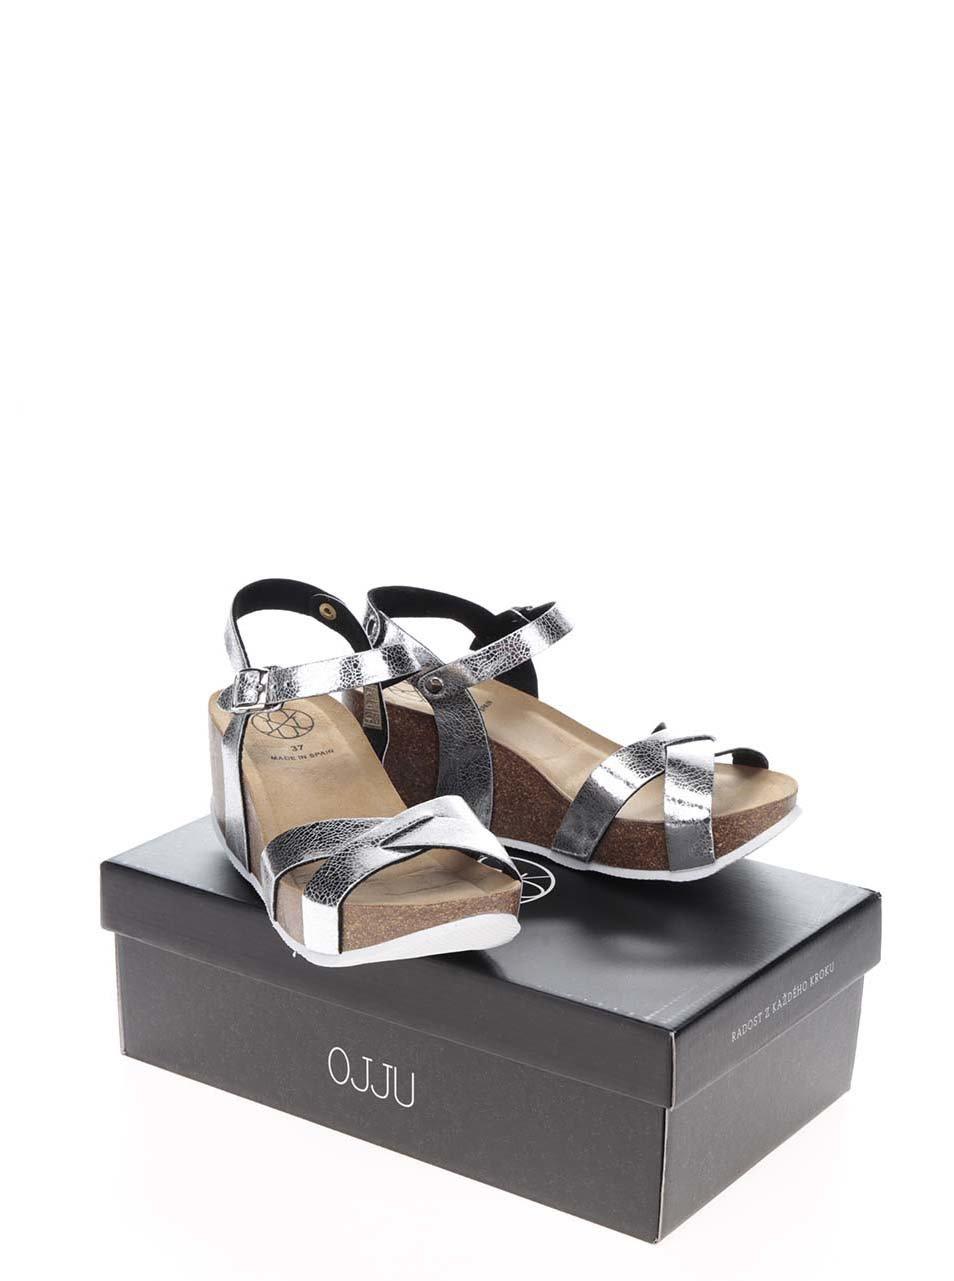 fea1b8d19184 Dámske sandále na platforme v striebornej farbe OJJU ...